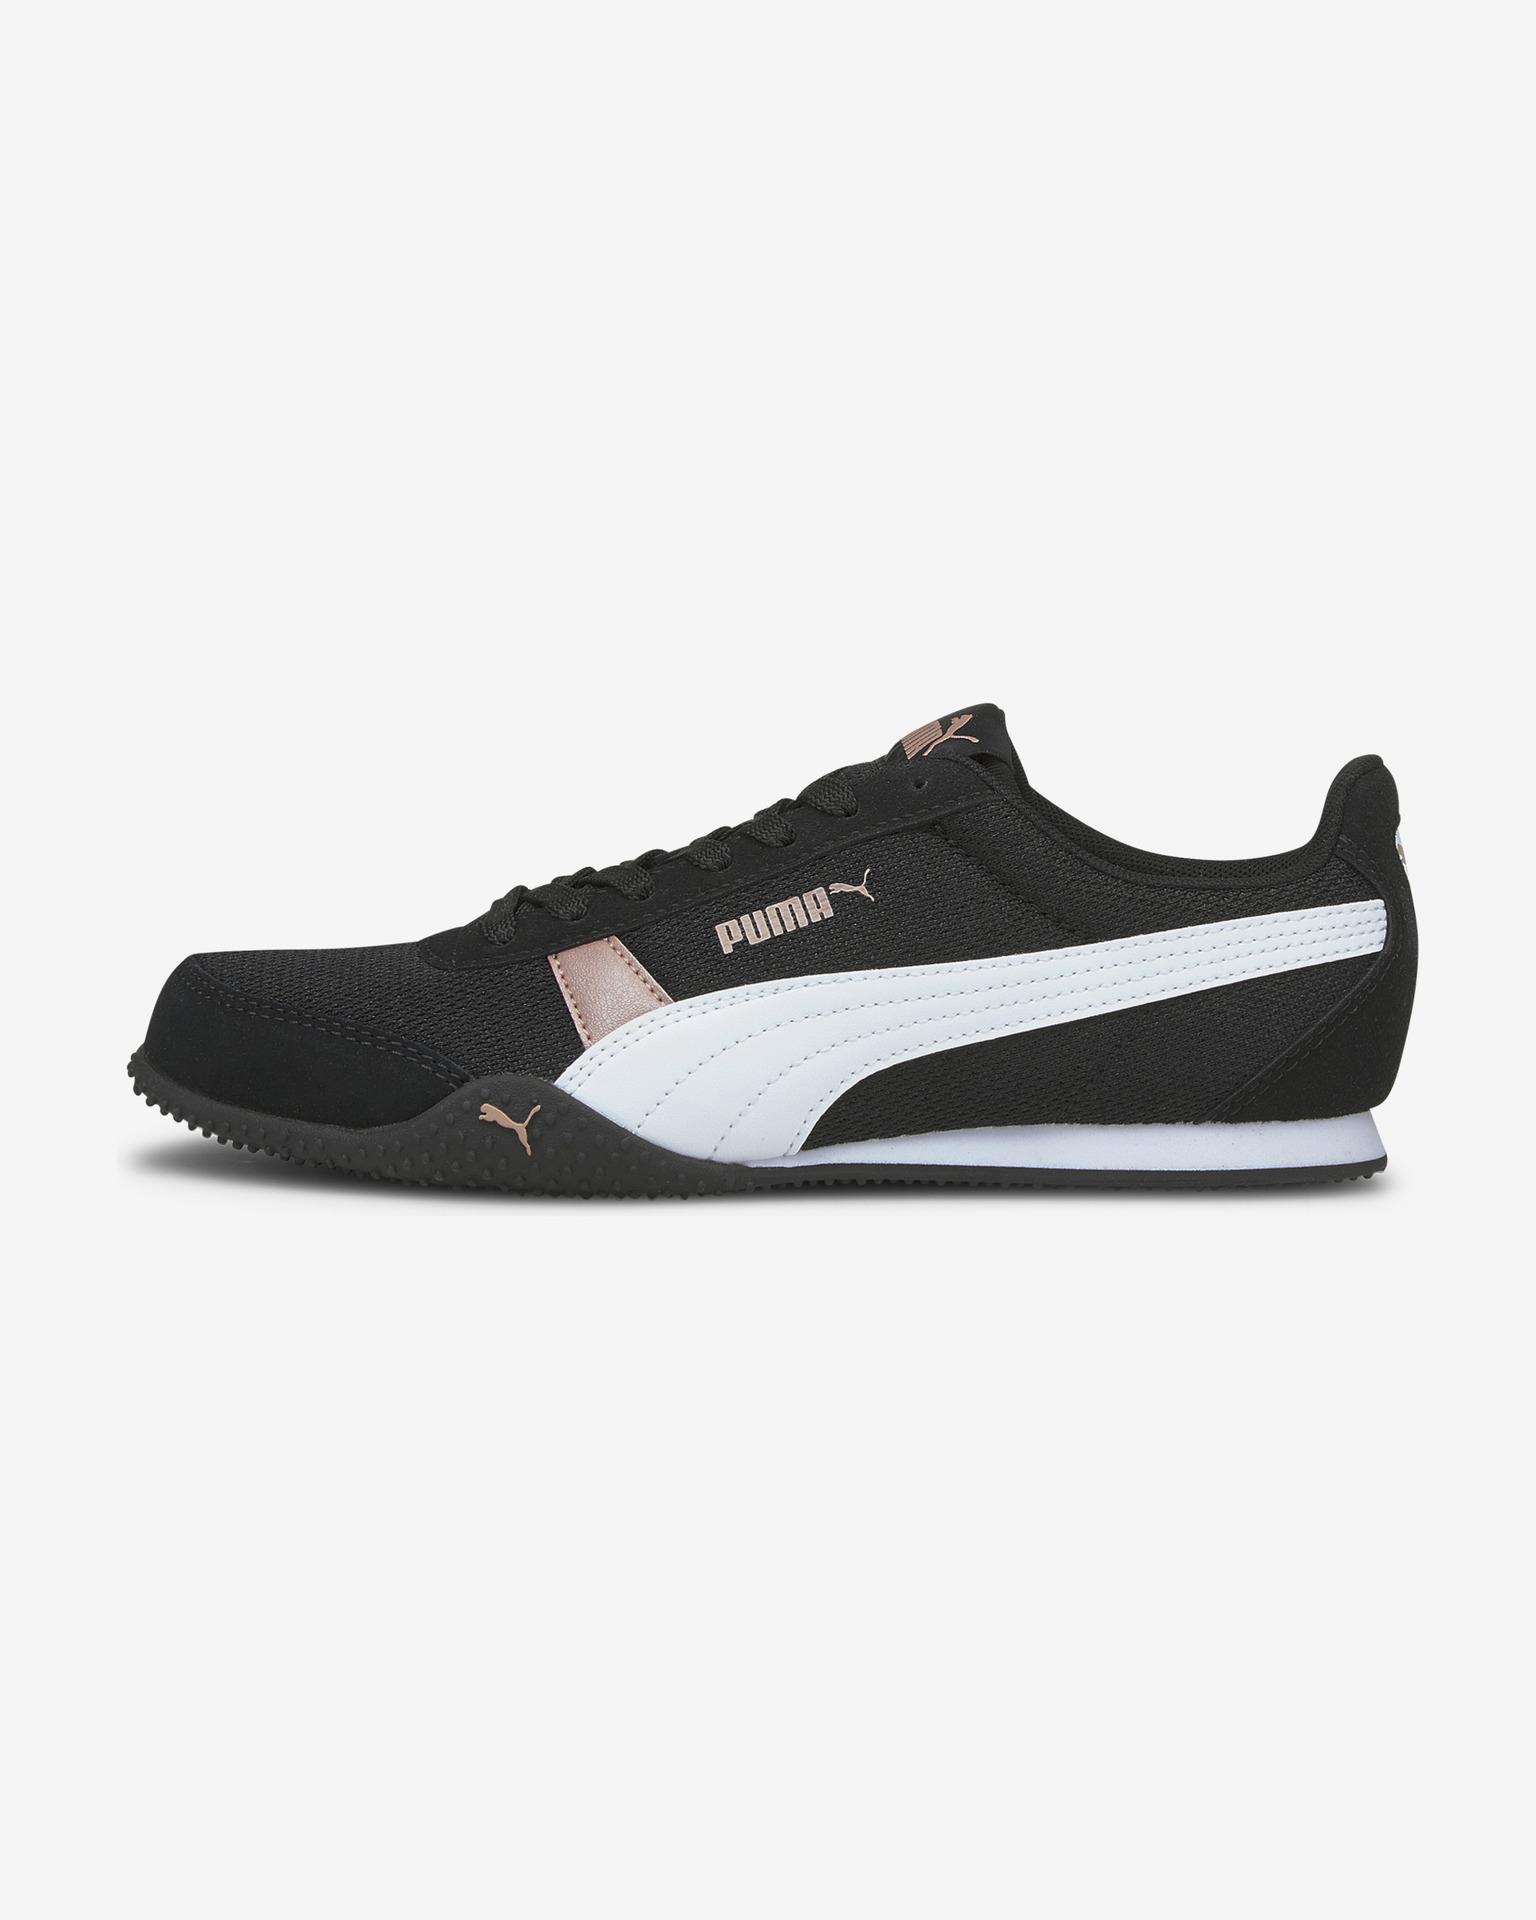 Tenisky pre ženy Puma - čierna - 37